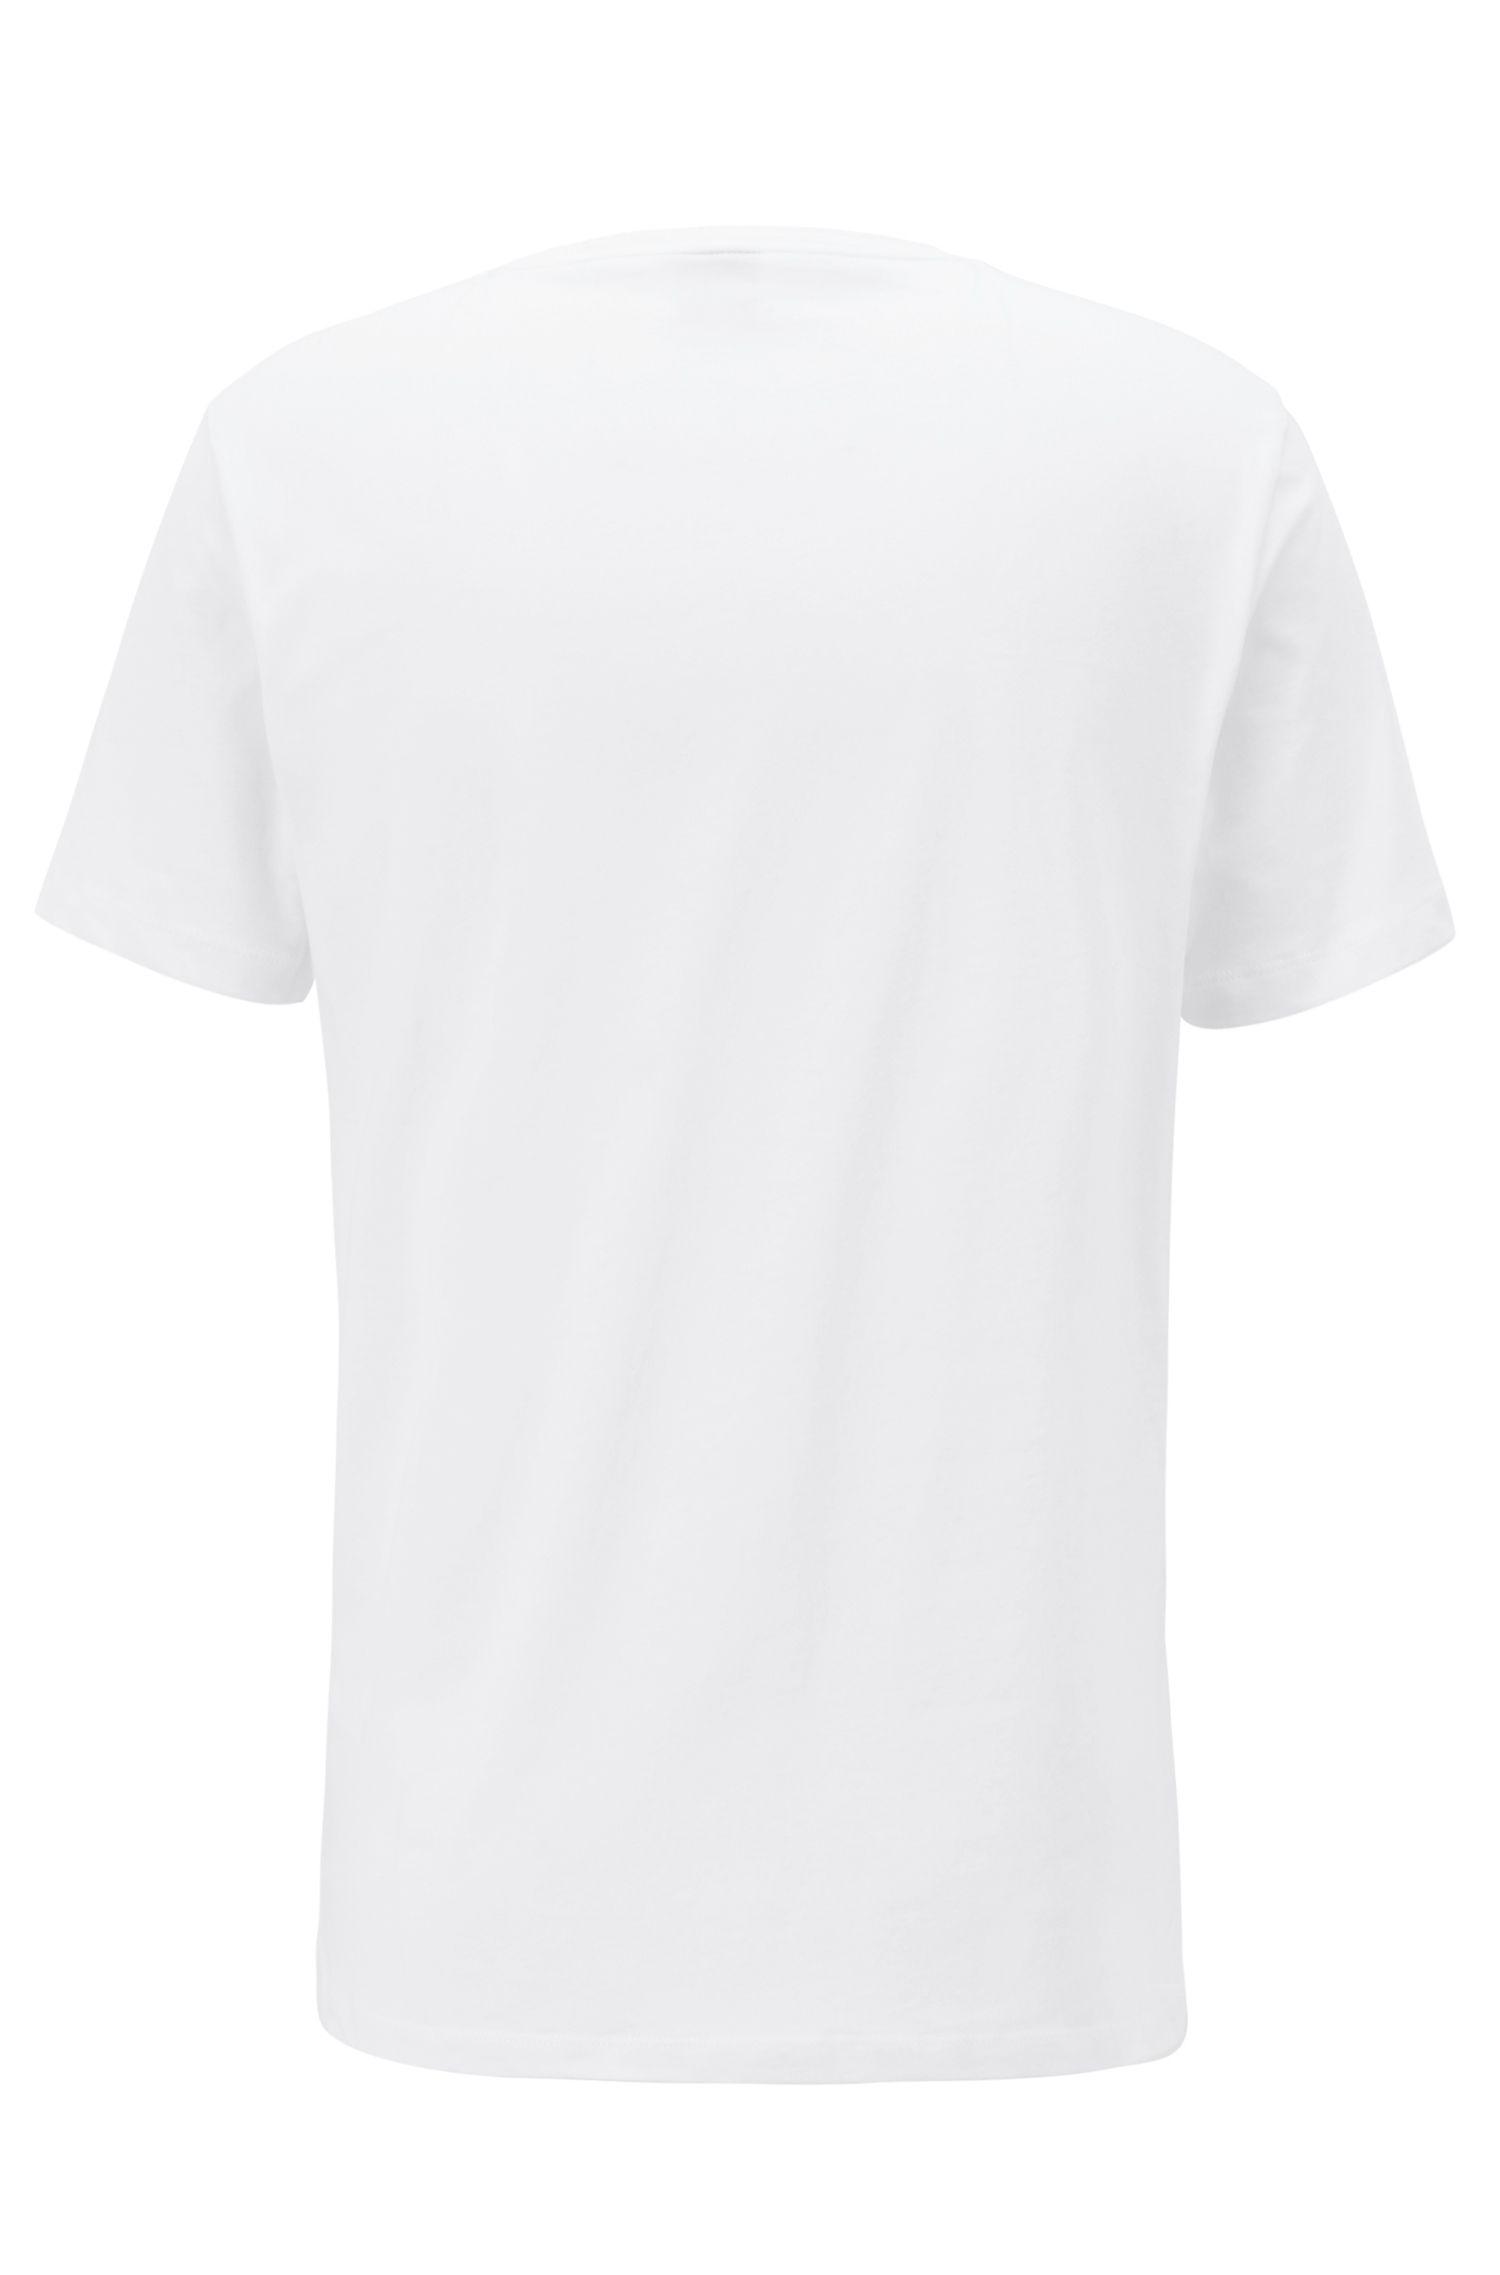 T-Shirt aus Baumwolle mit Rundhalsausschnitt und großem Logo-Schriftzug, Weiß